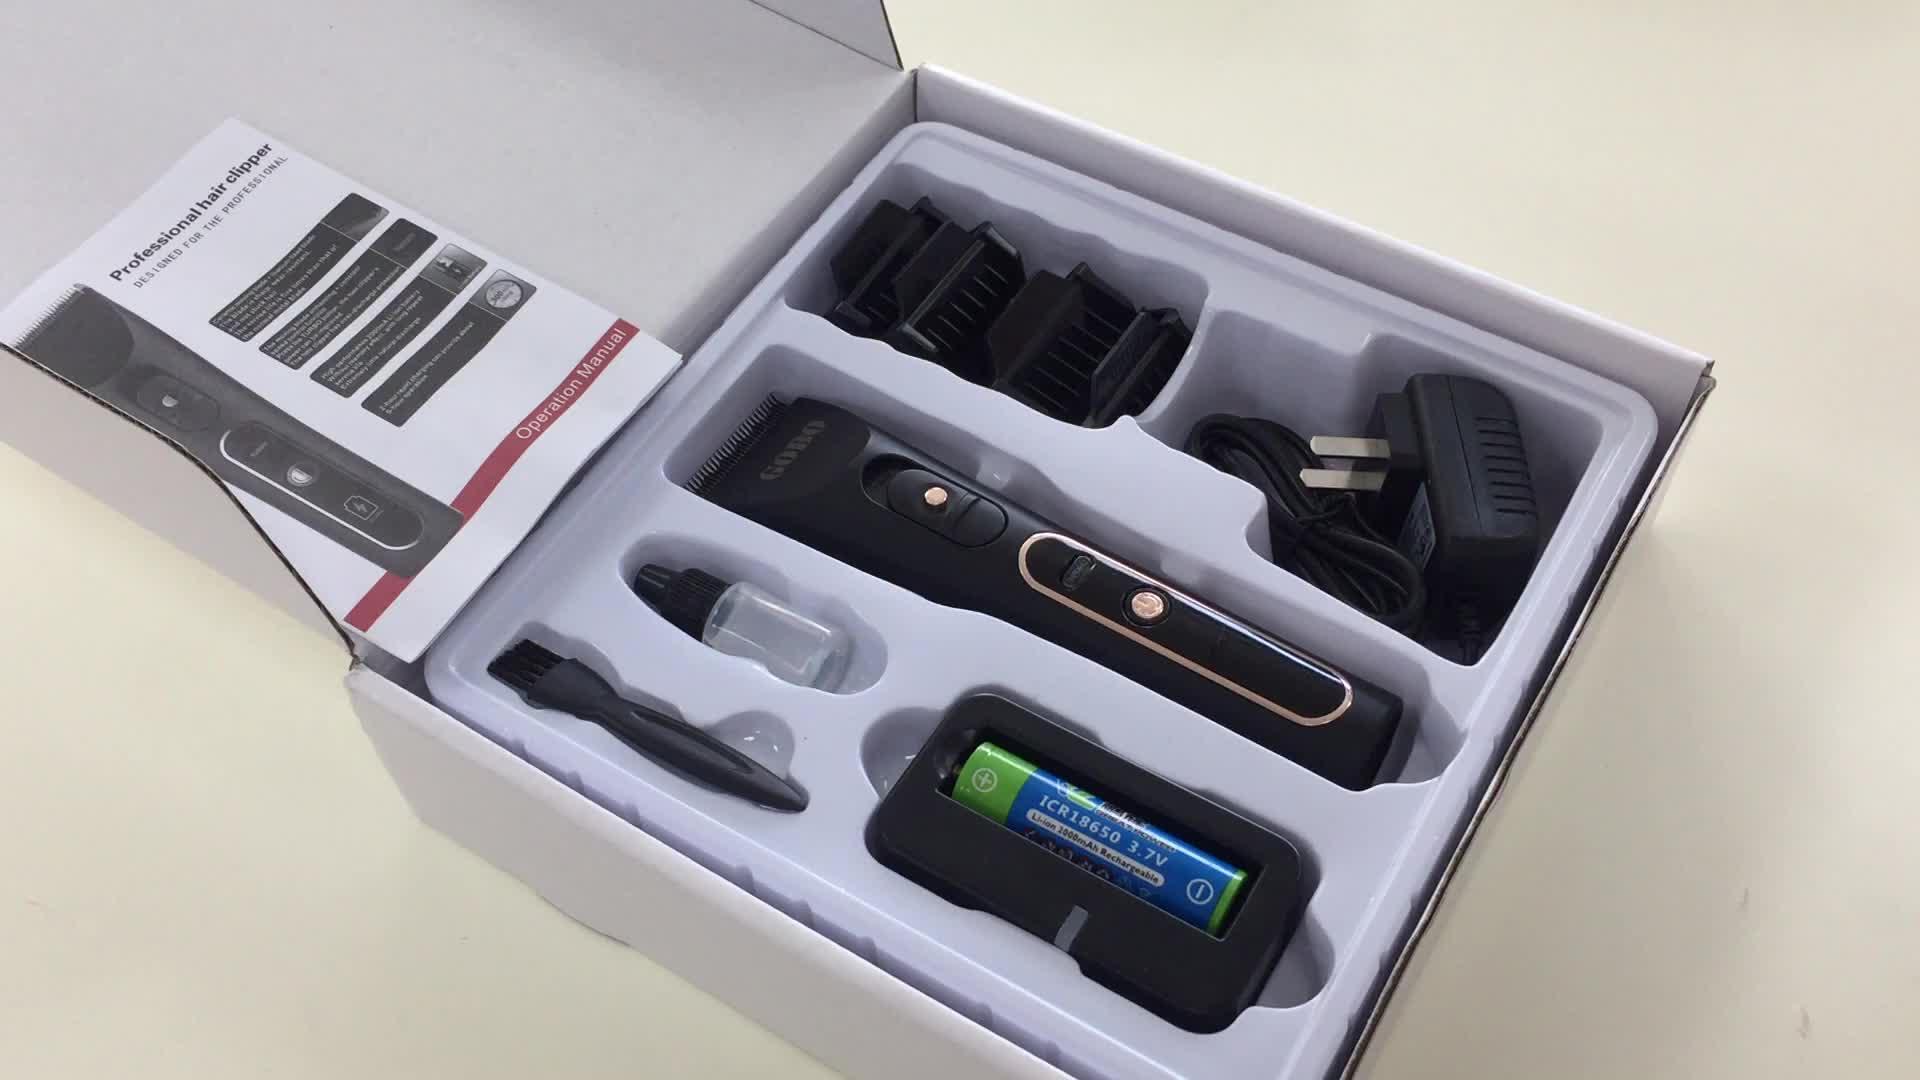 GB-A6S LCD Display professionelle elektrische clipper und trimmer barber liefern